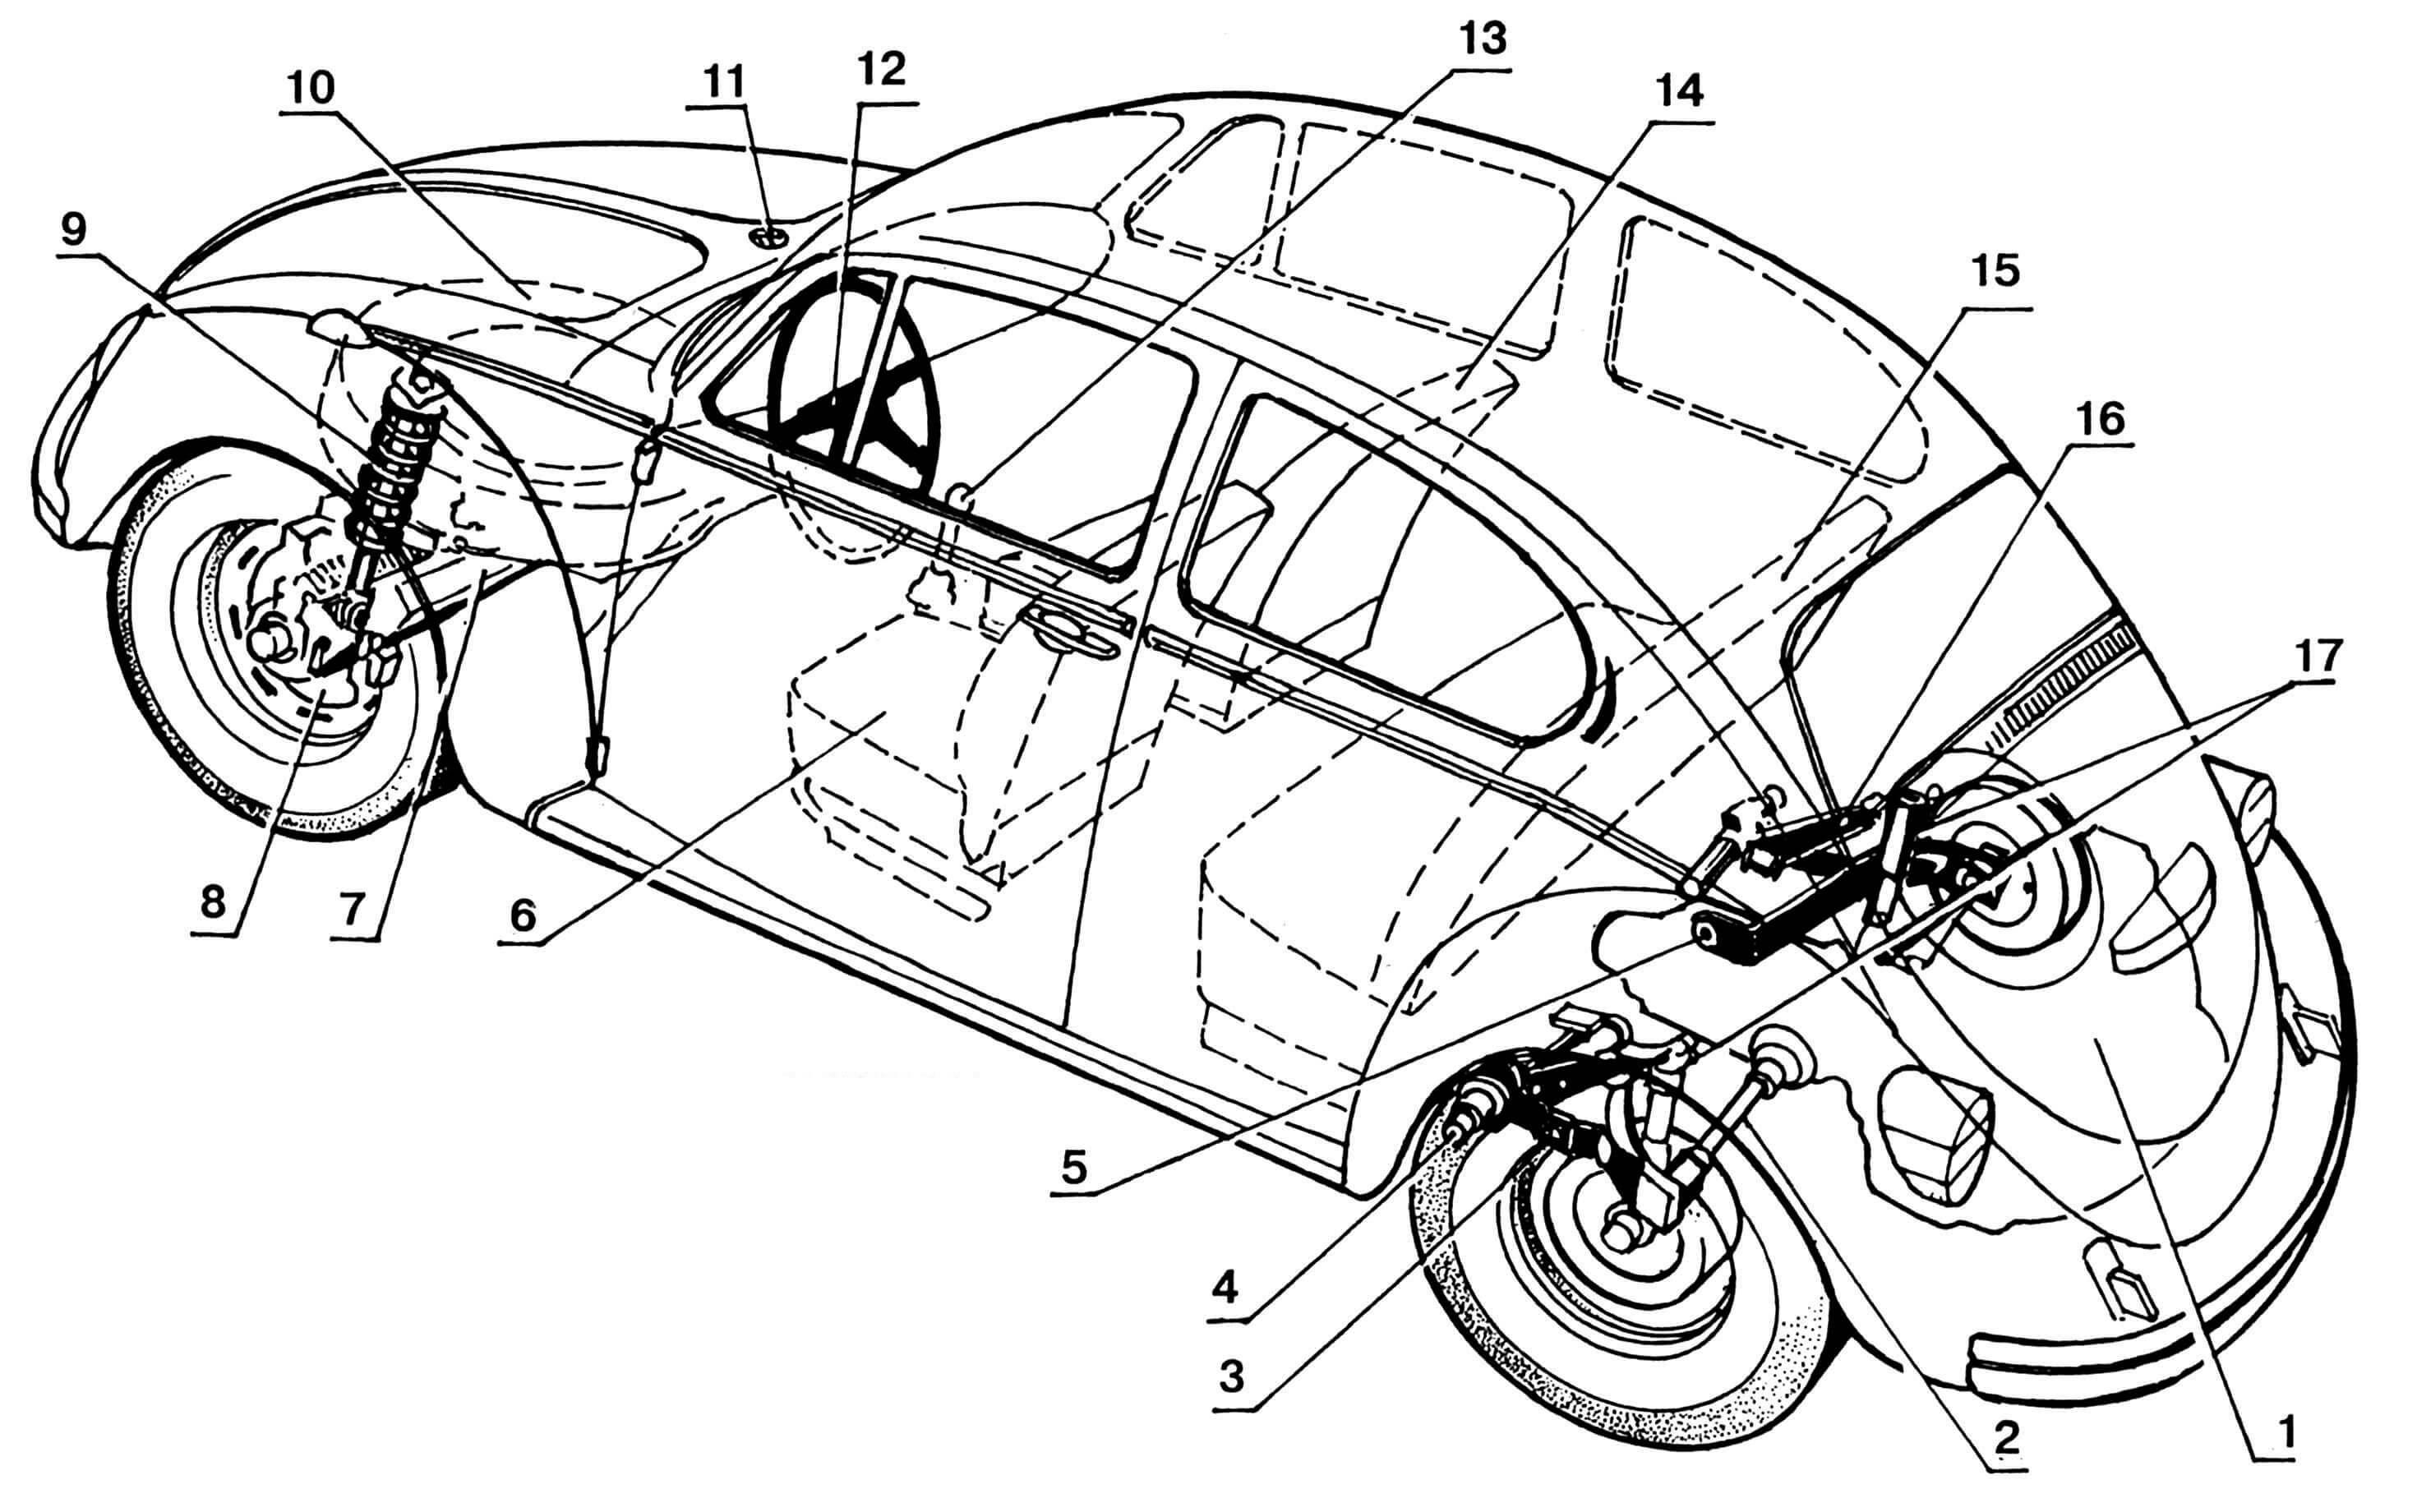 Компоновка автомобиля: 1 — двигатель; 2 — вал карданный; 3,5 — рычаги продольные; 4 — торсион; 6 — сиденье водителя; 7 — рычаг поперечный; 8 — тормоз дисковый; 9 — амортизатор пружинный; 10 — колесо запасное; 11 — эмблема «VW»; 12 — руль; 13 — рычаг переключения скоростей; 14,15 — сиденья пассажиров; 16 — рычаг амортизатора; 17 — амортизаторы гидравлические.